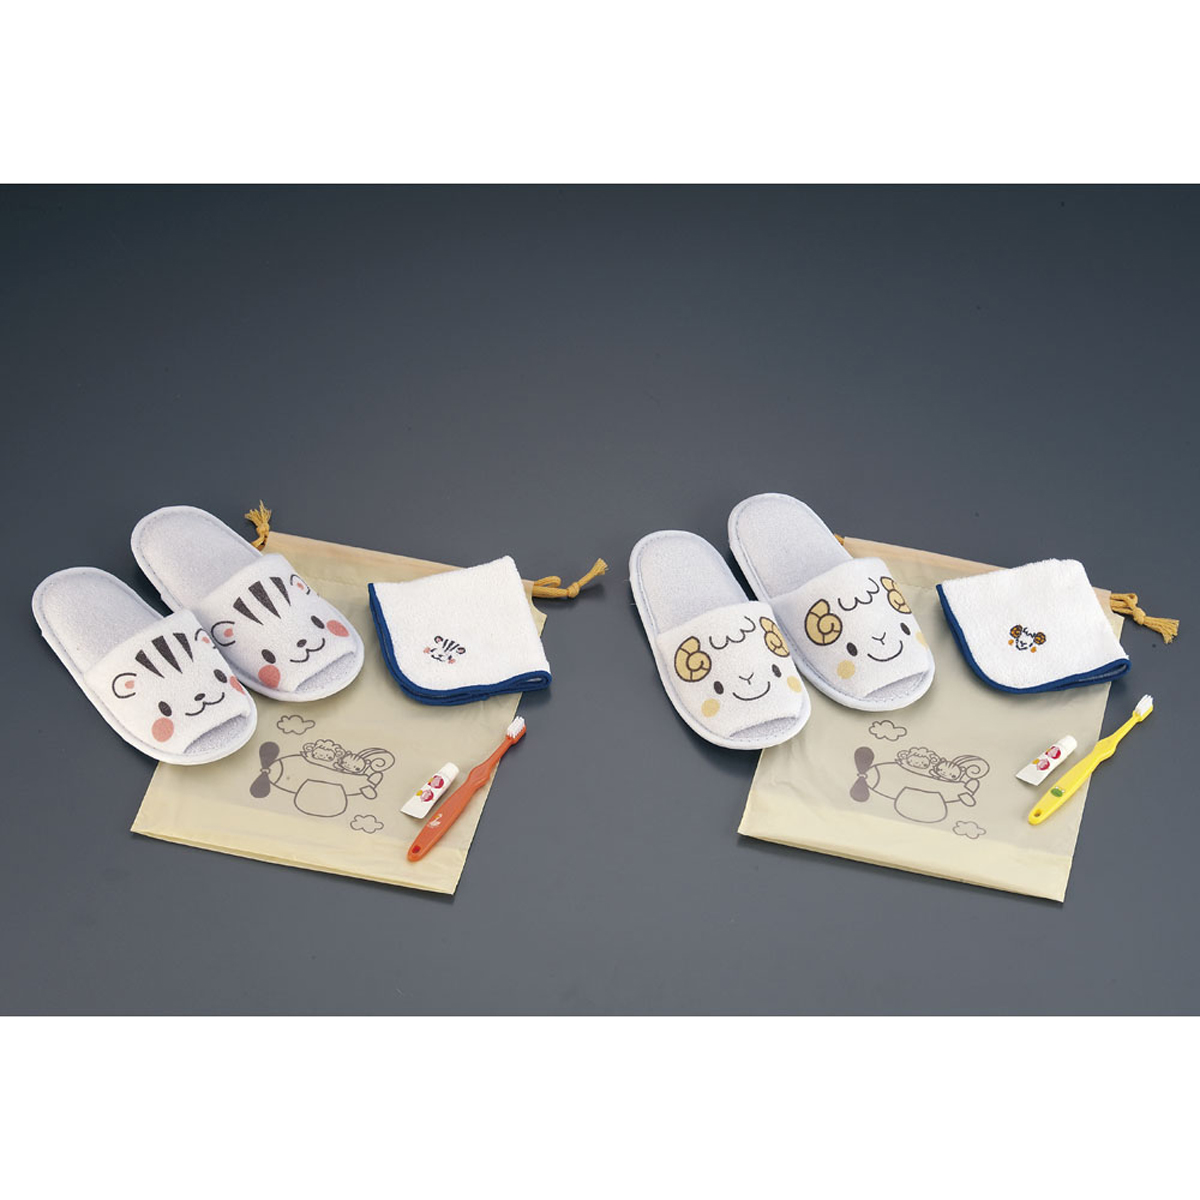 なかよしアメニィティセット(200個入) 子供用 6-1312-1001【厨房用品 長靴 白衣 靴 サンダル スリッパ 業務用 販売 通販】[10P03Dec16]